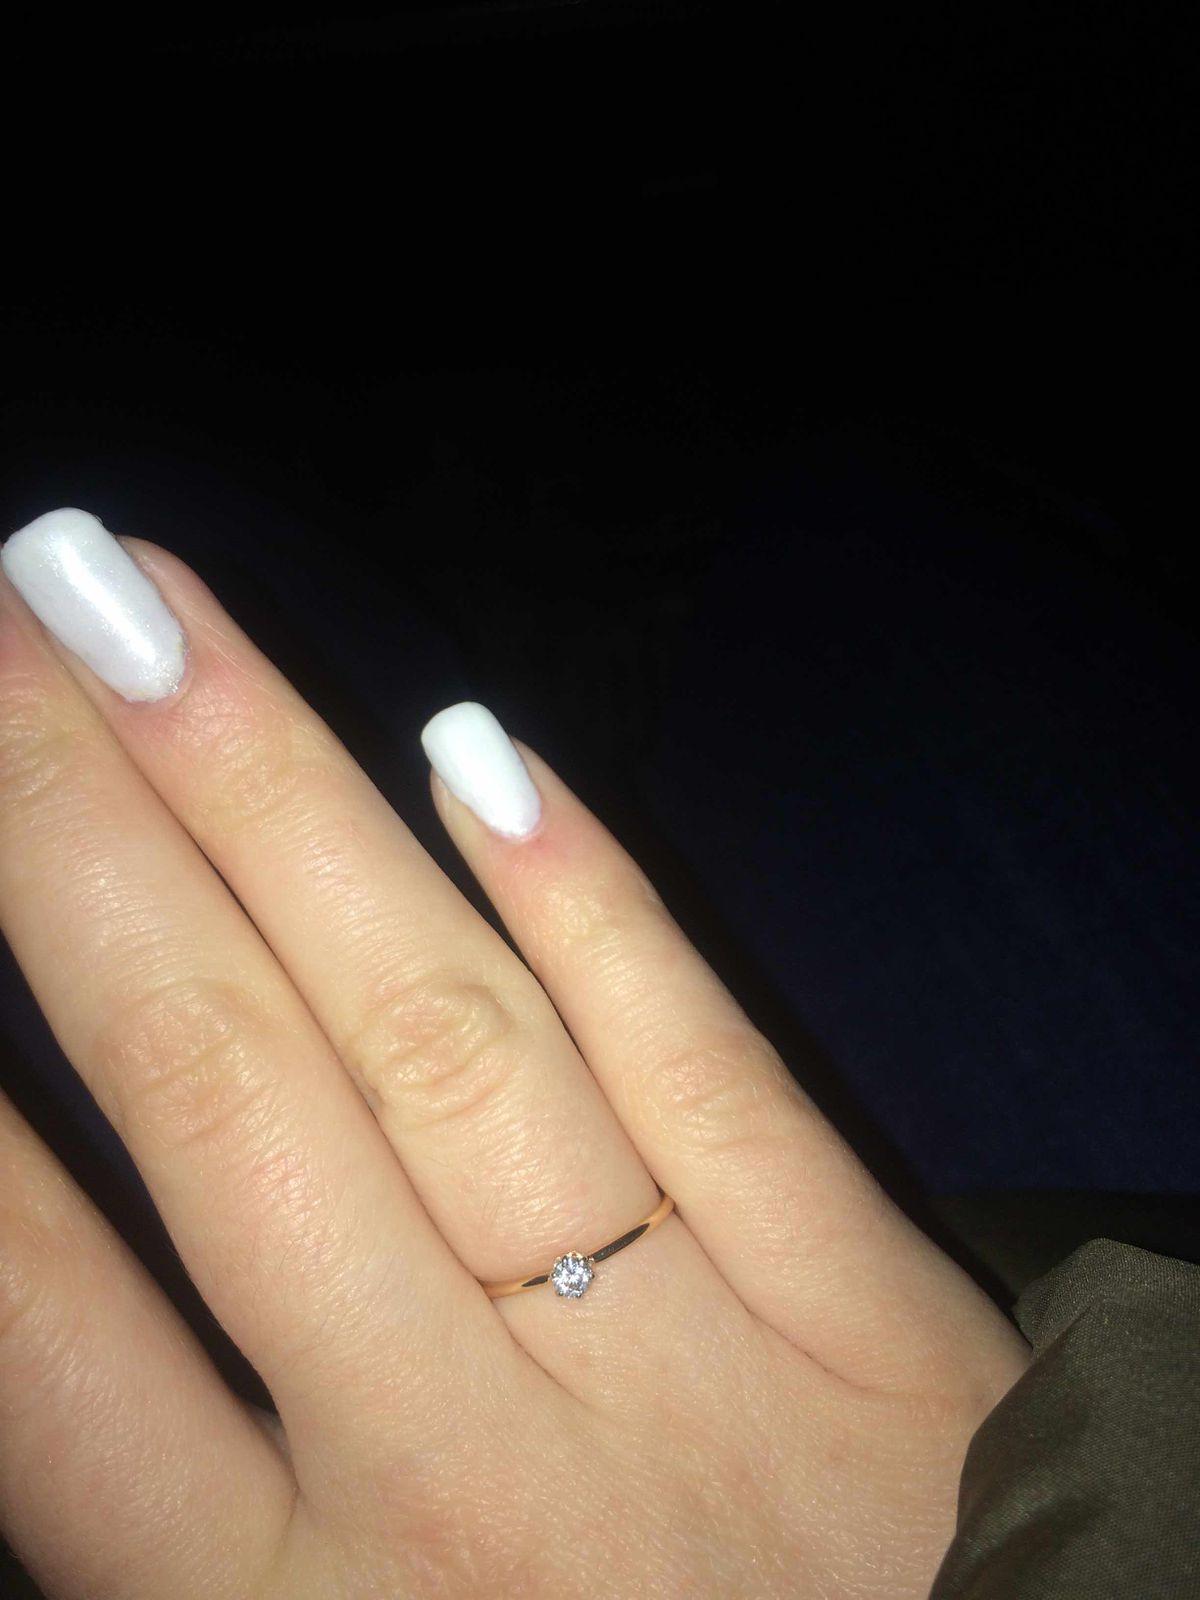 Очень красивое, кольцо, смотрится обалденно))) за одежду не цепляется❤️❤️❤️